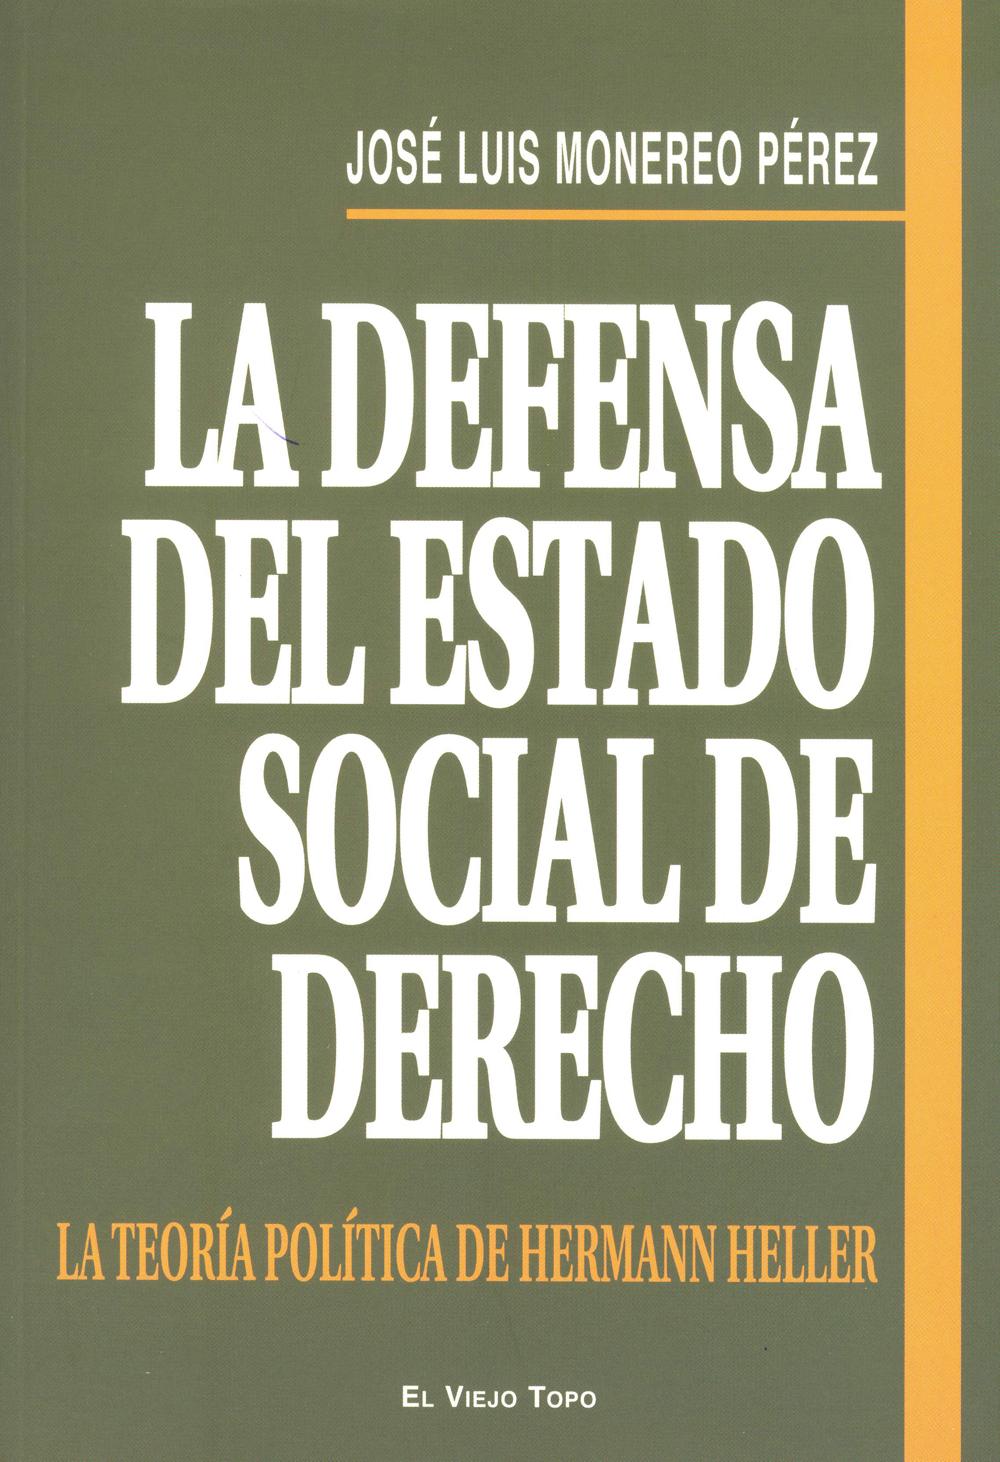 LA DEFENSA DEL ESTADO SOCIAL DE DERECHO : LA TEORÍA POLÍTICA DE HERMANN HELLER